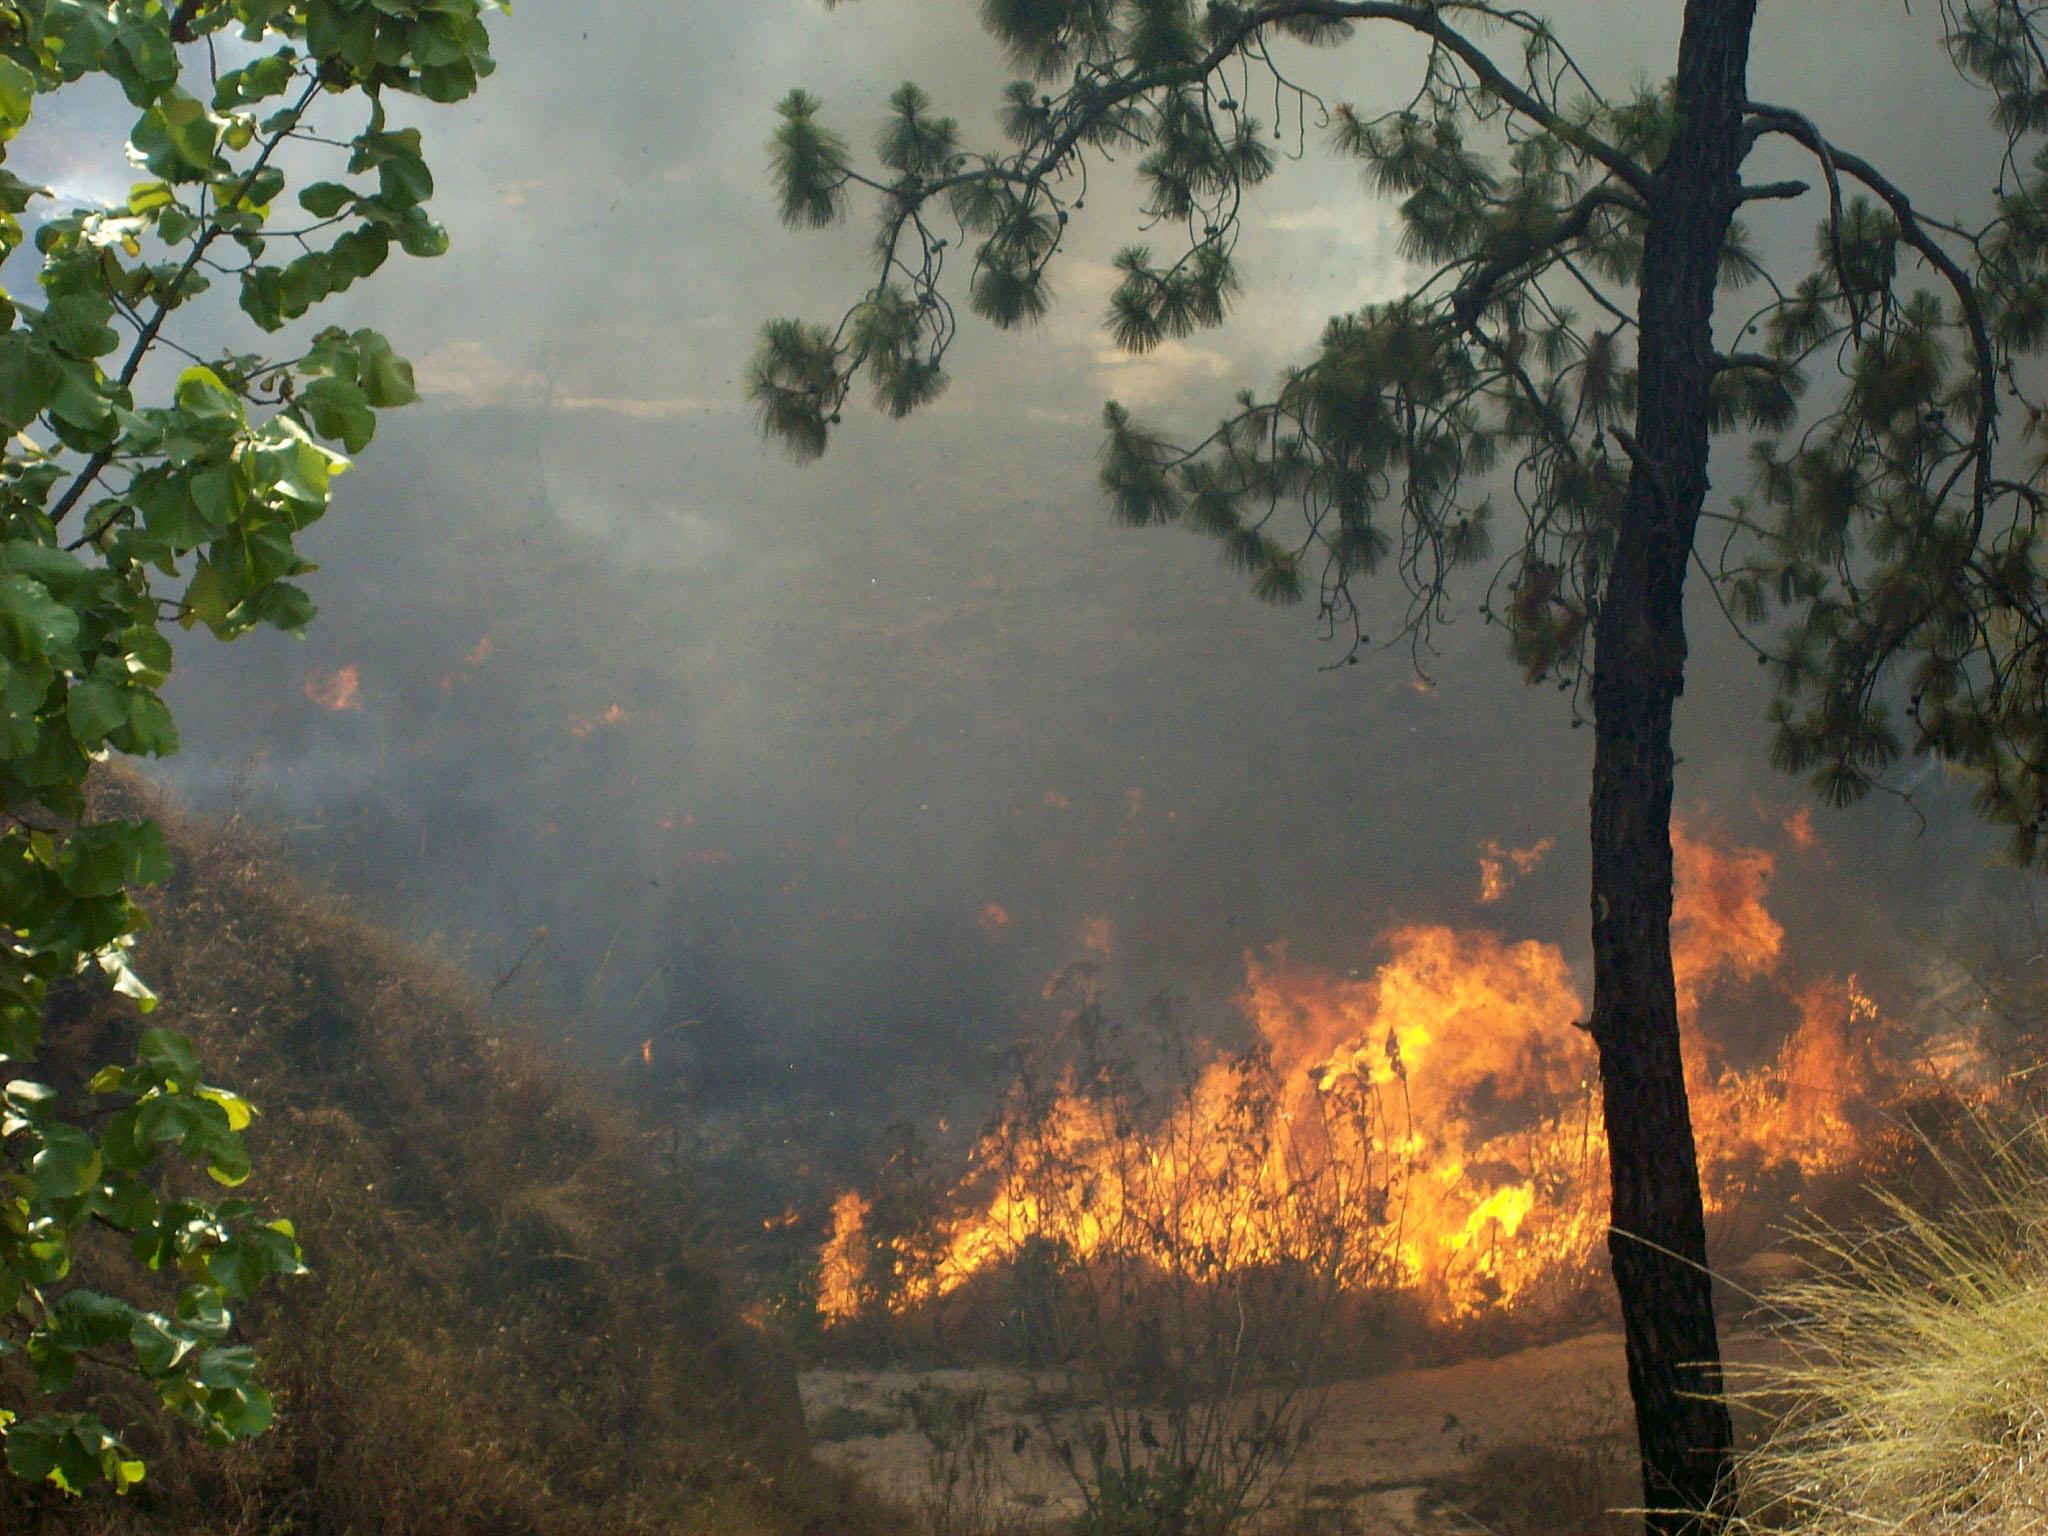 Incendio en el bosque